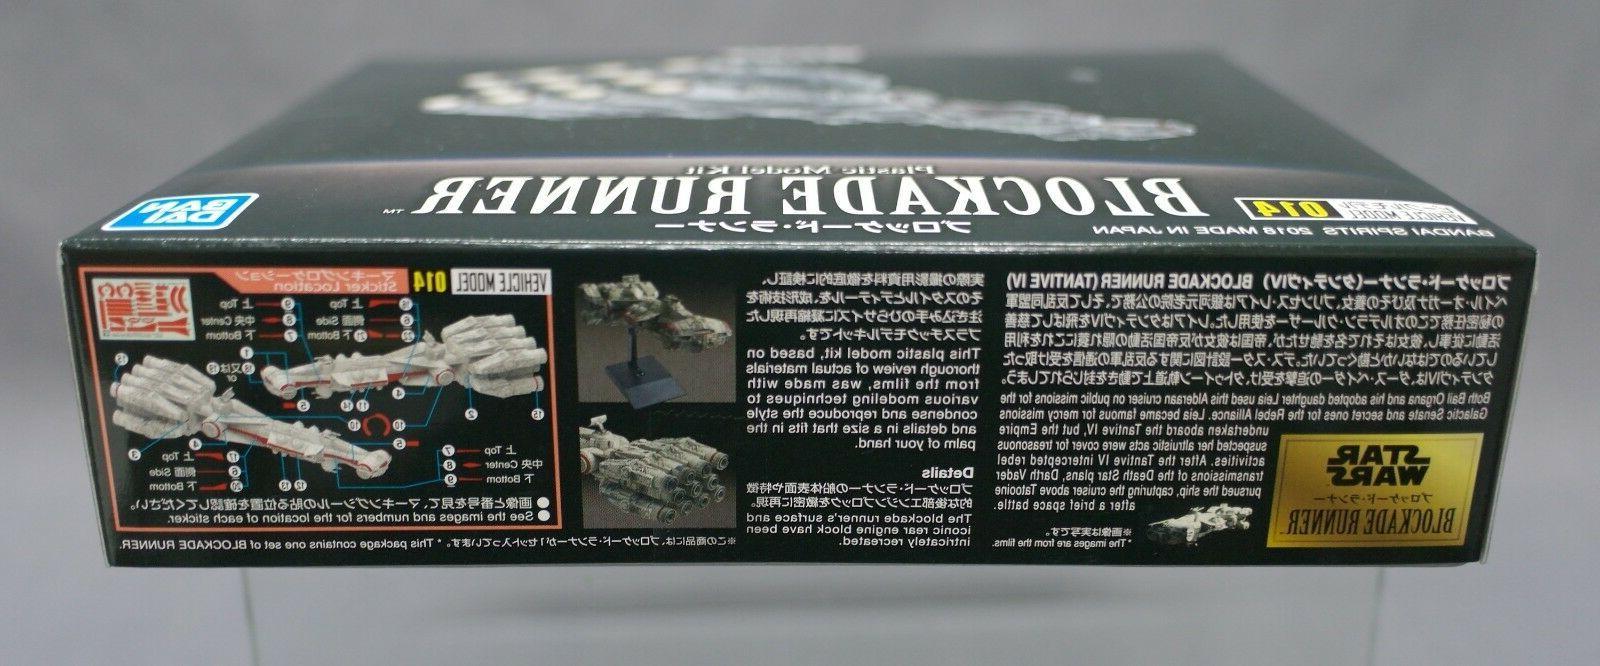 Star 014 Blockade kit Japan***